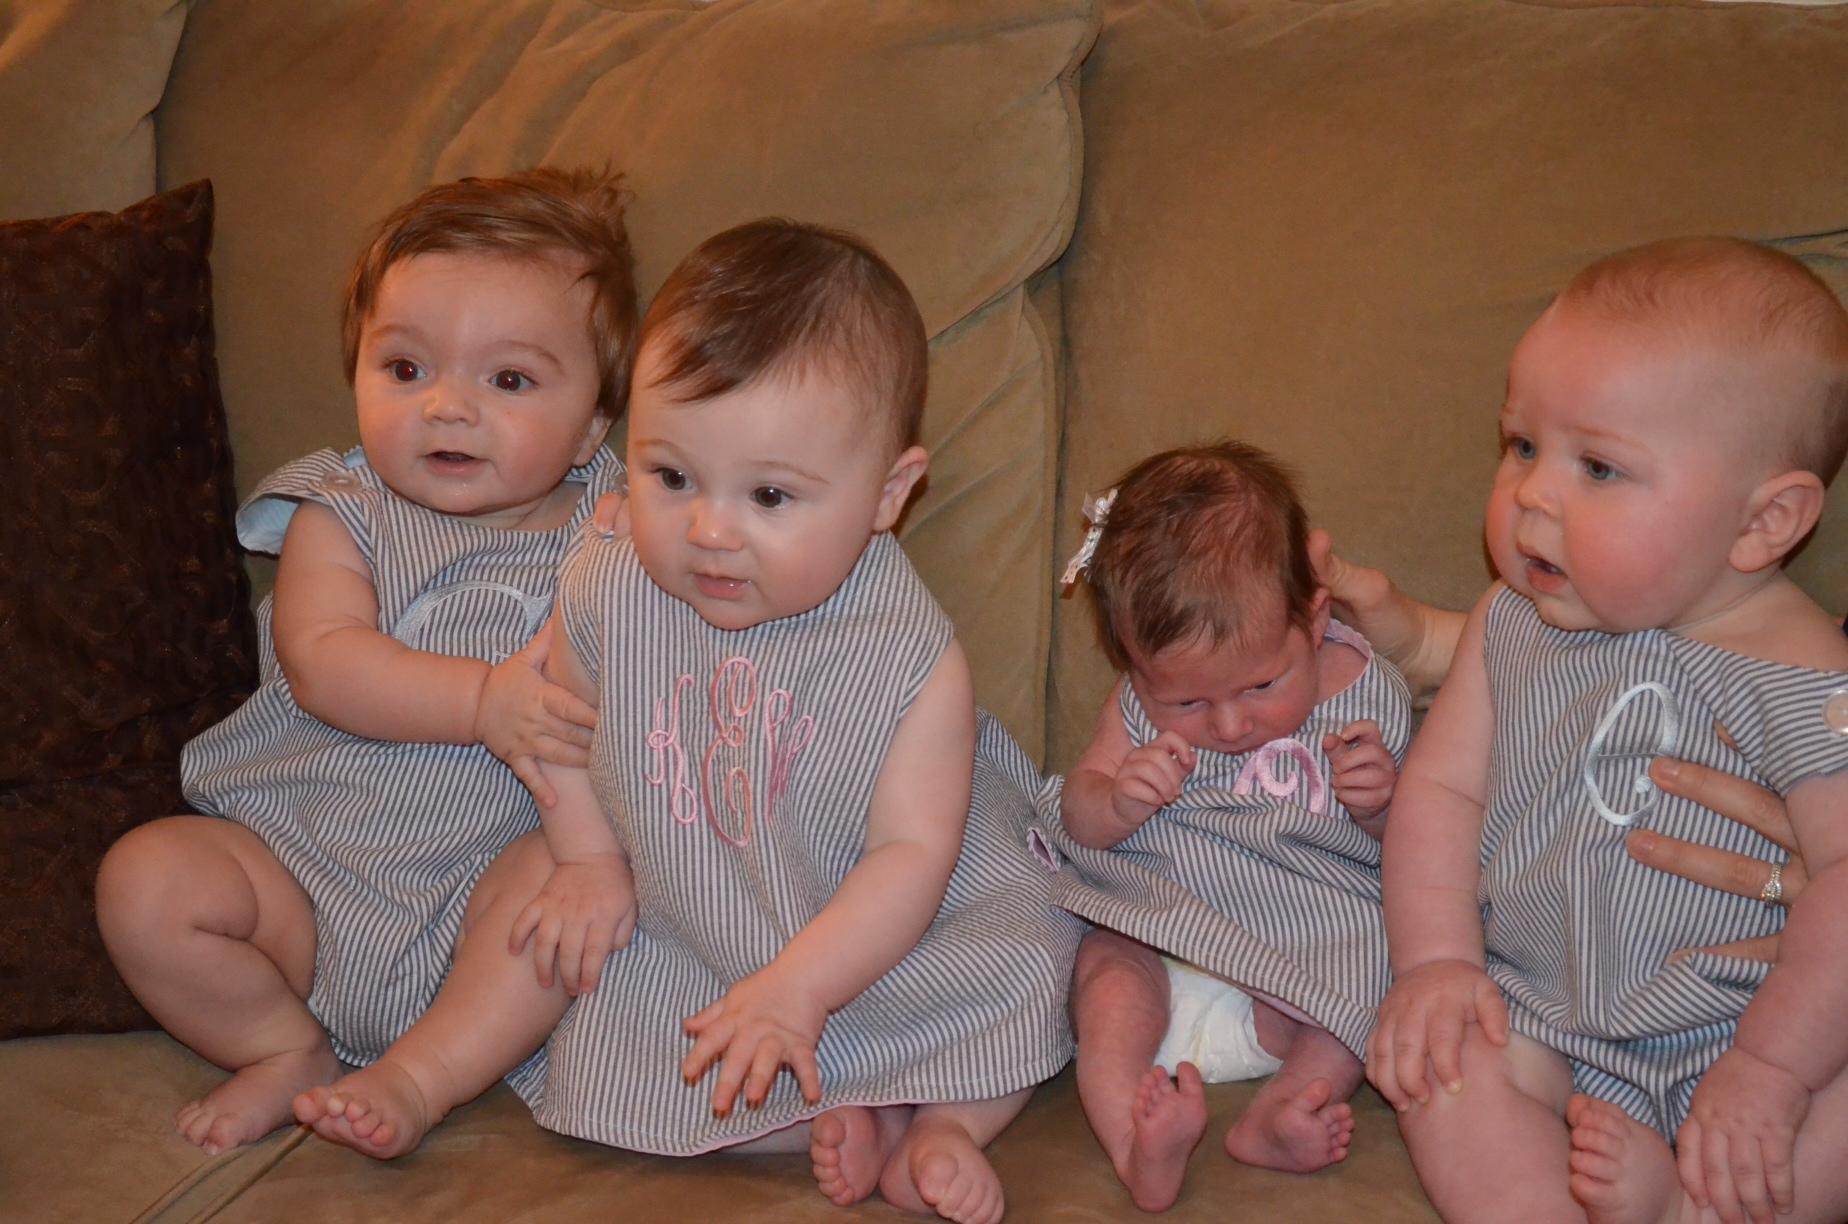 All four 2